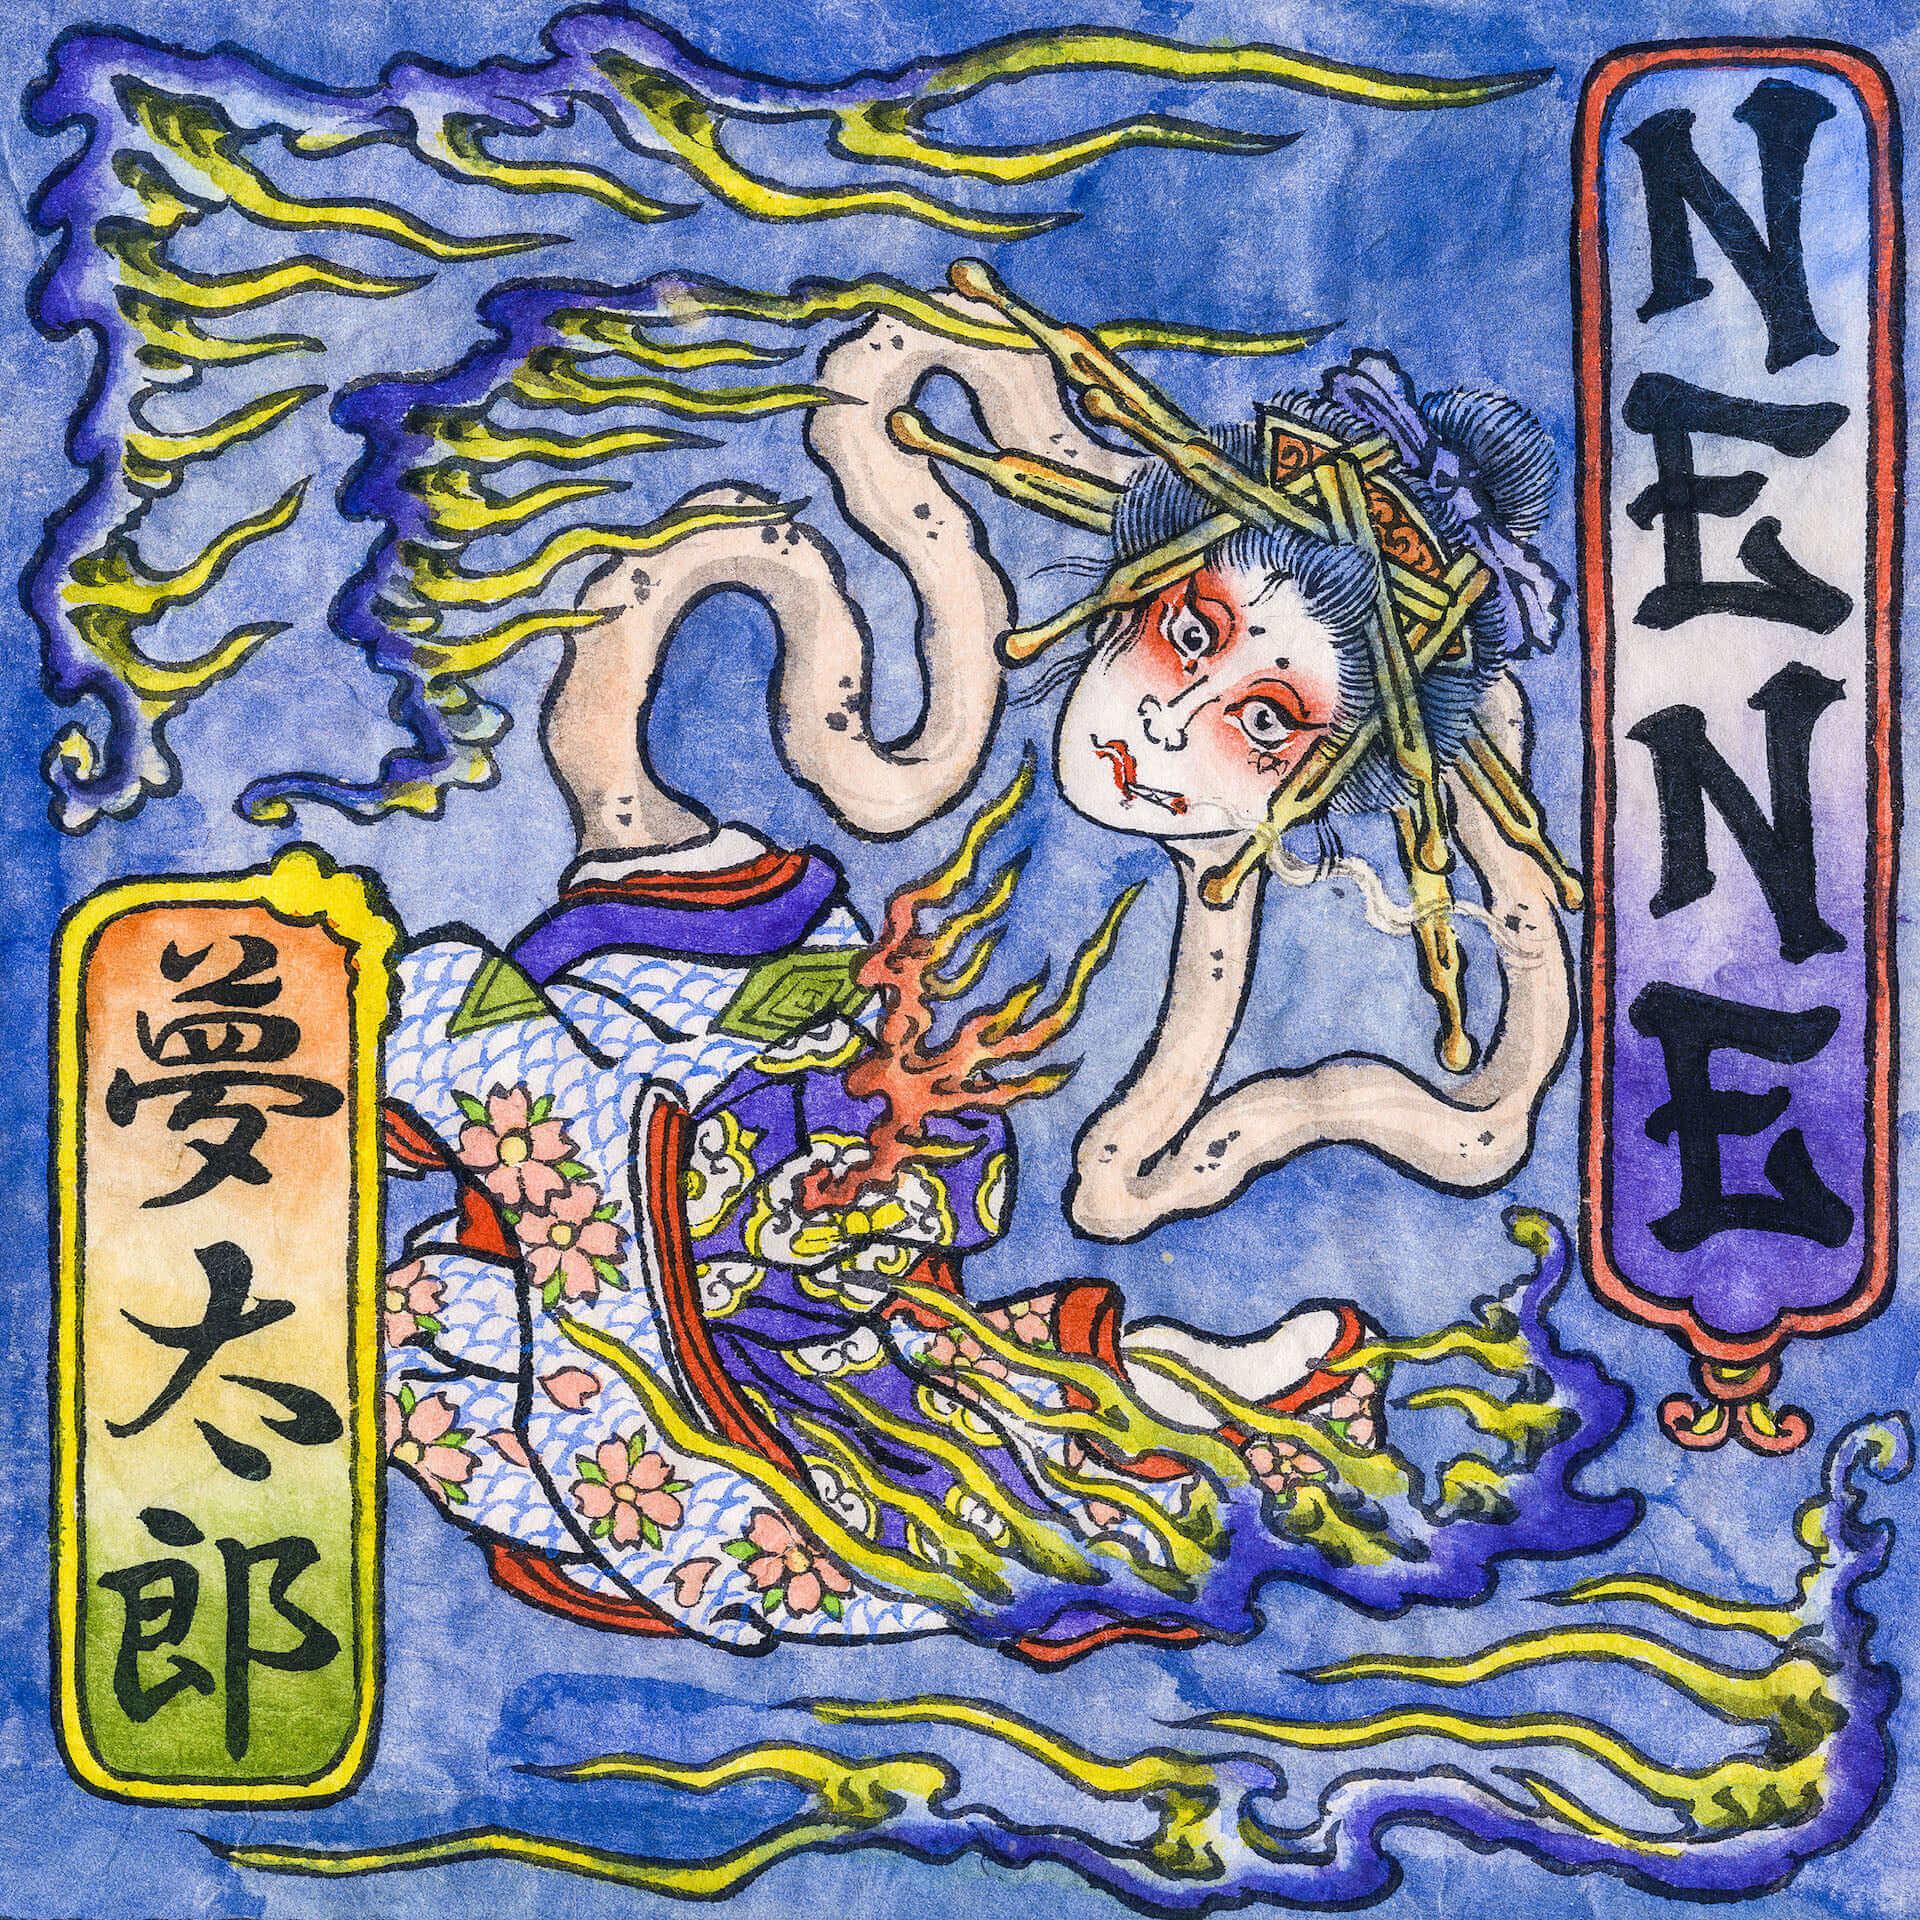 """NENEの最新EP『夢太郎』よりNIPPSとの楽曲""""地獄絵図""""のミュージックビデオが解禁!制作はスタジオ石 music200929_nene_nipps_2"""